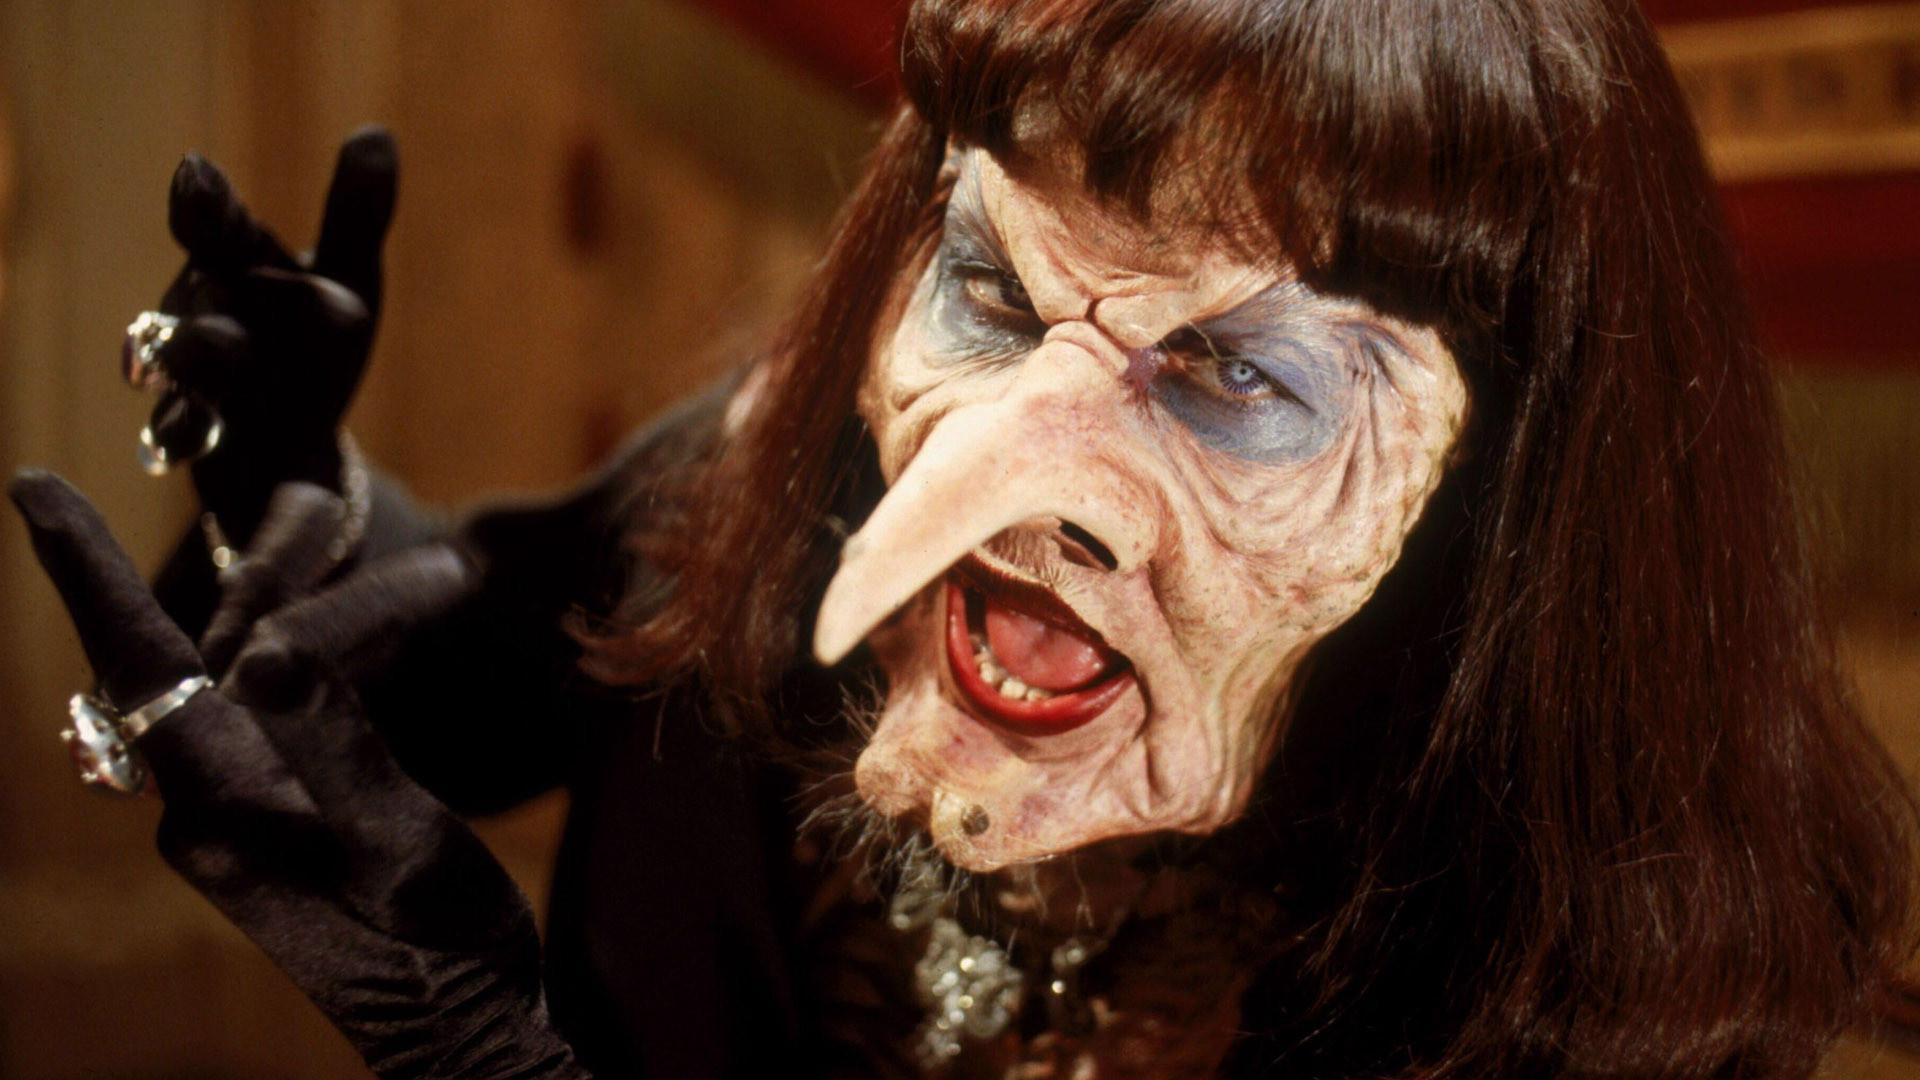 semana-do-halloween-noite-5-filmes-sobre-bruxas_5